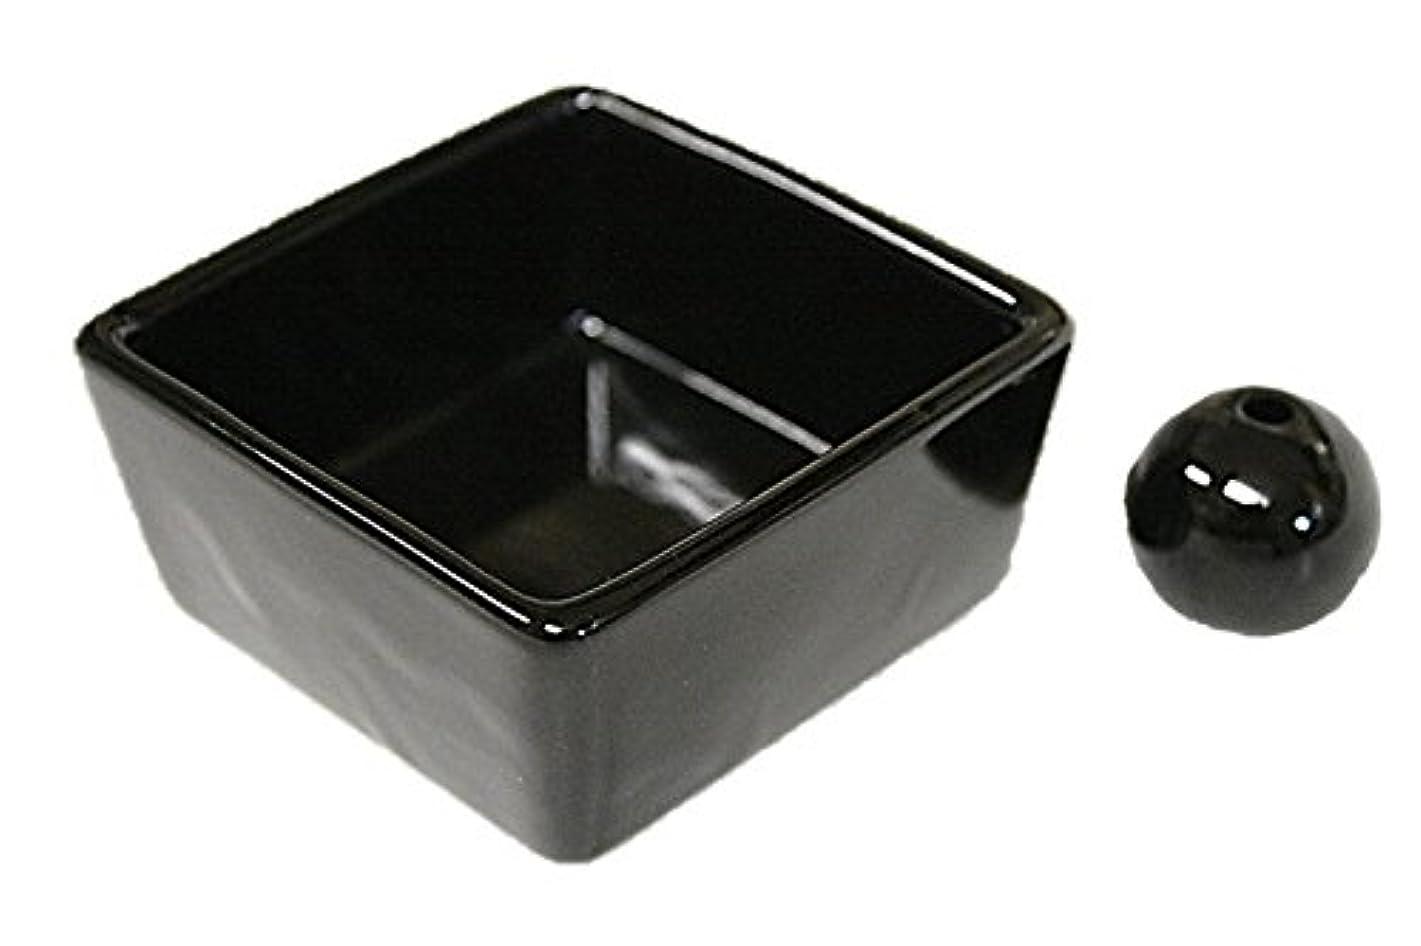 再現する偽善者ラベンダー和モダン 漆黒 お香立て 陶器 角鉢 製造直売品